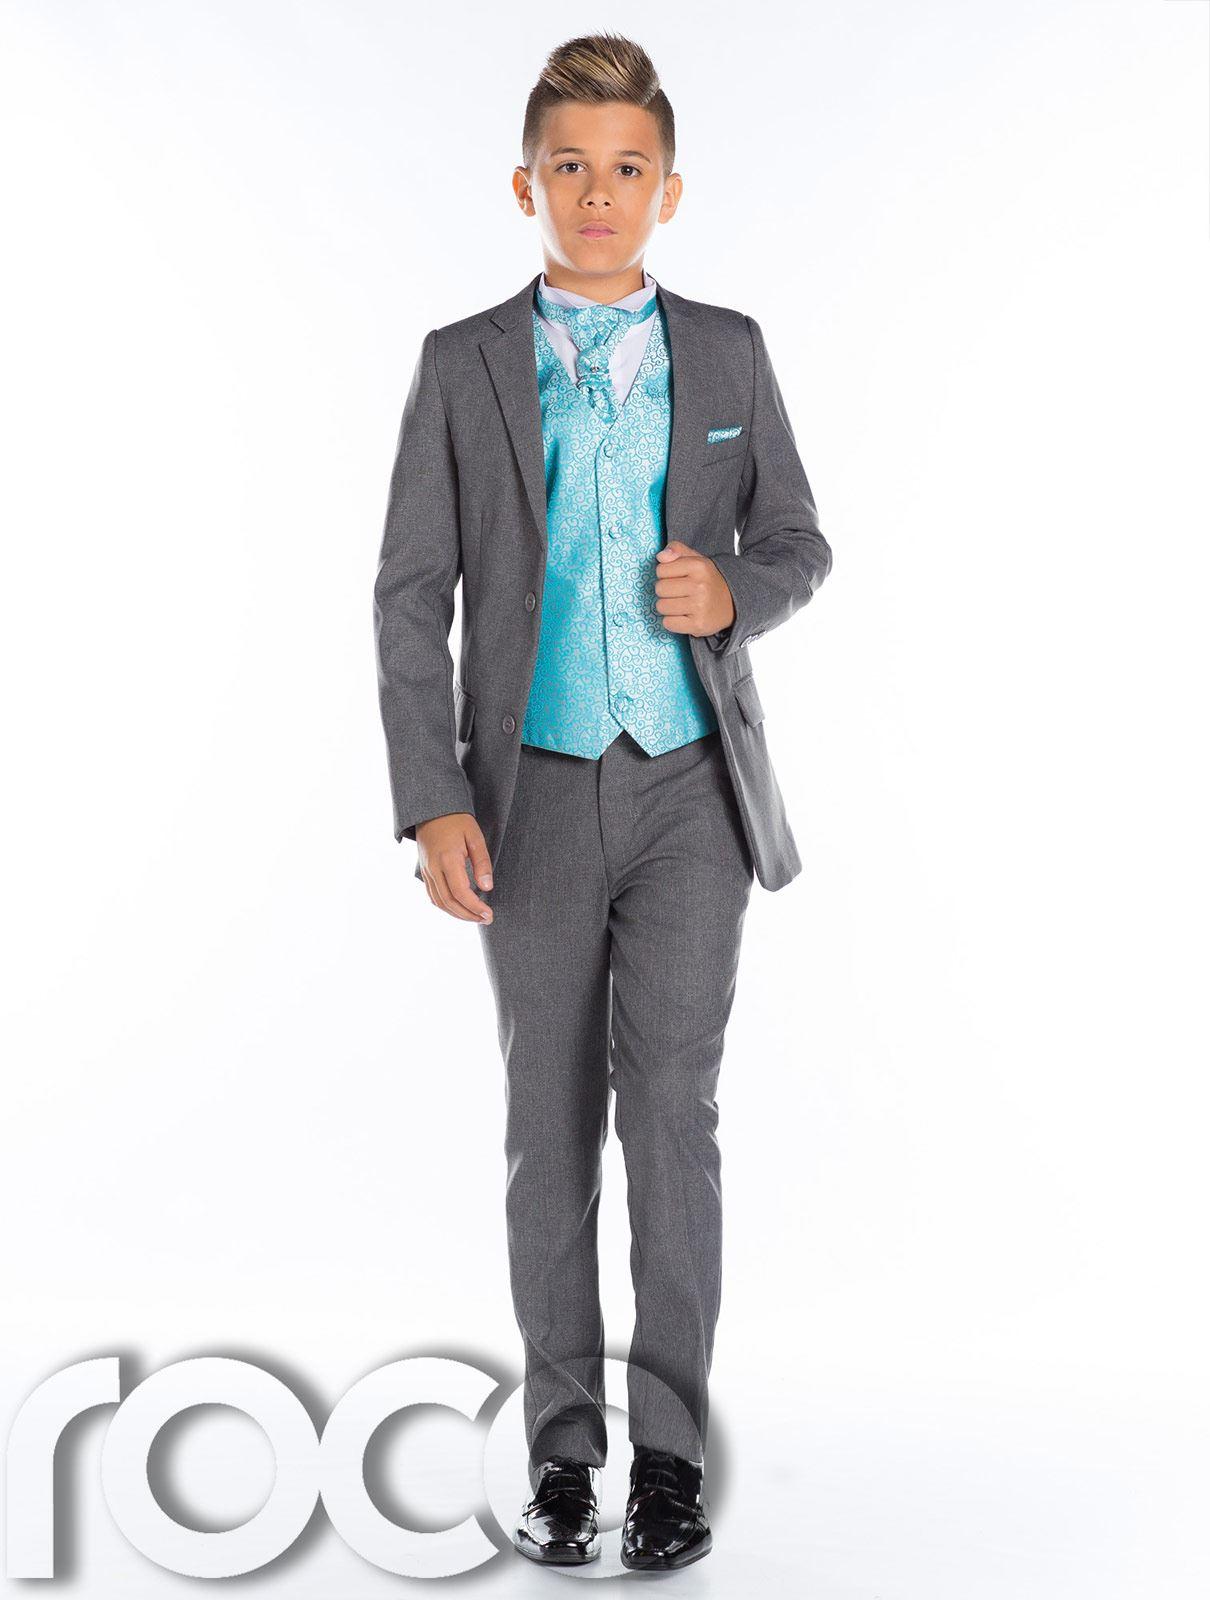 jungen hochzeitsanzug seite anzug grauer grau schmal passform krawatte ebay. Black Bedroom Furniture Sets. Home Design Ideas